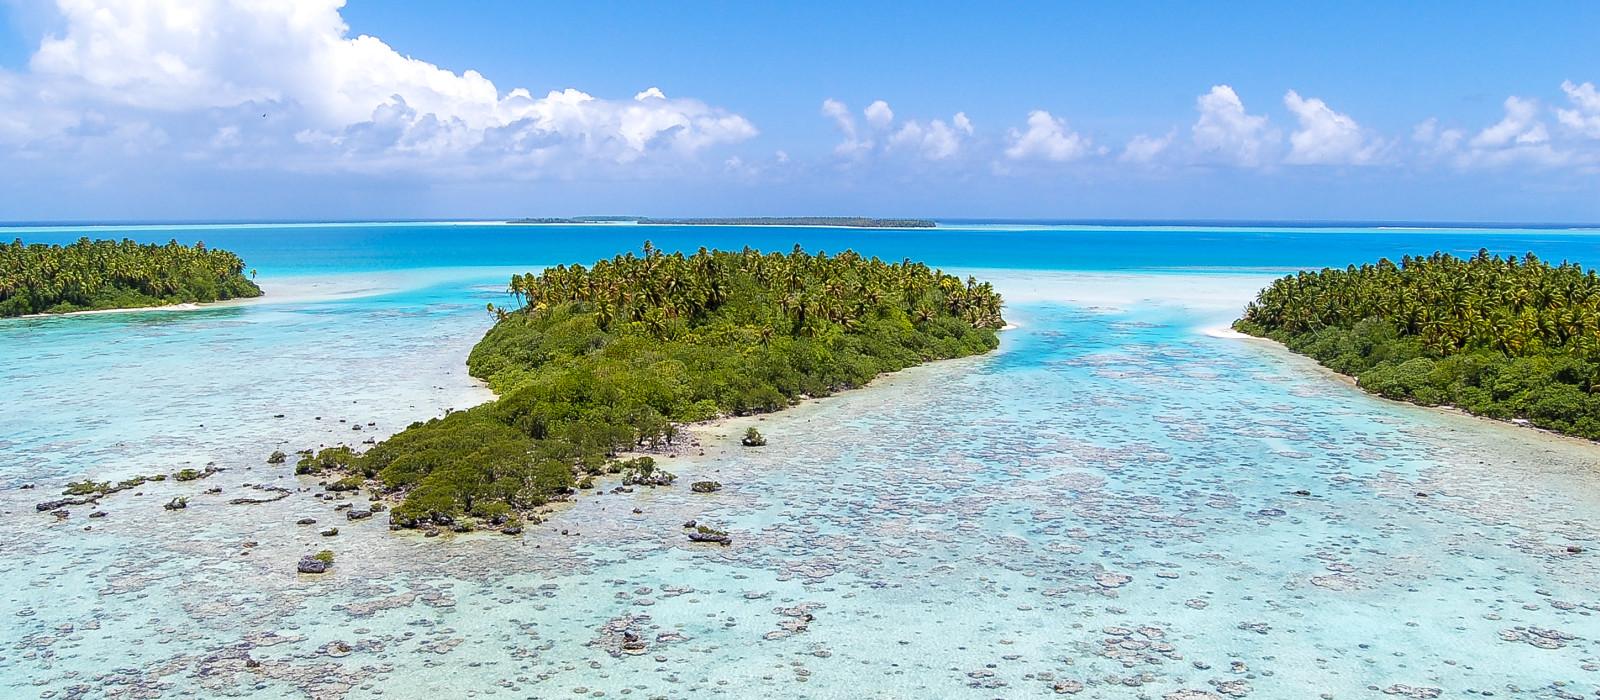 Destination Tetiaroa French Polynesia